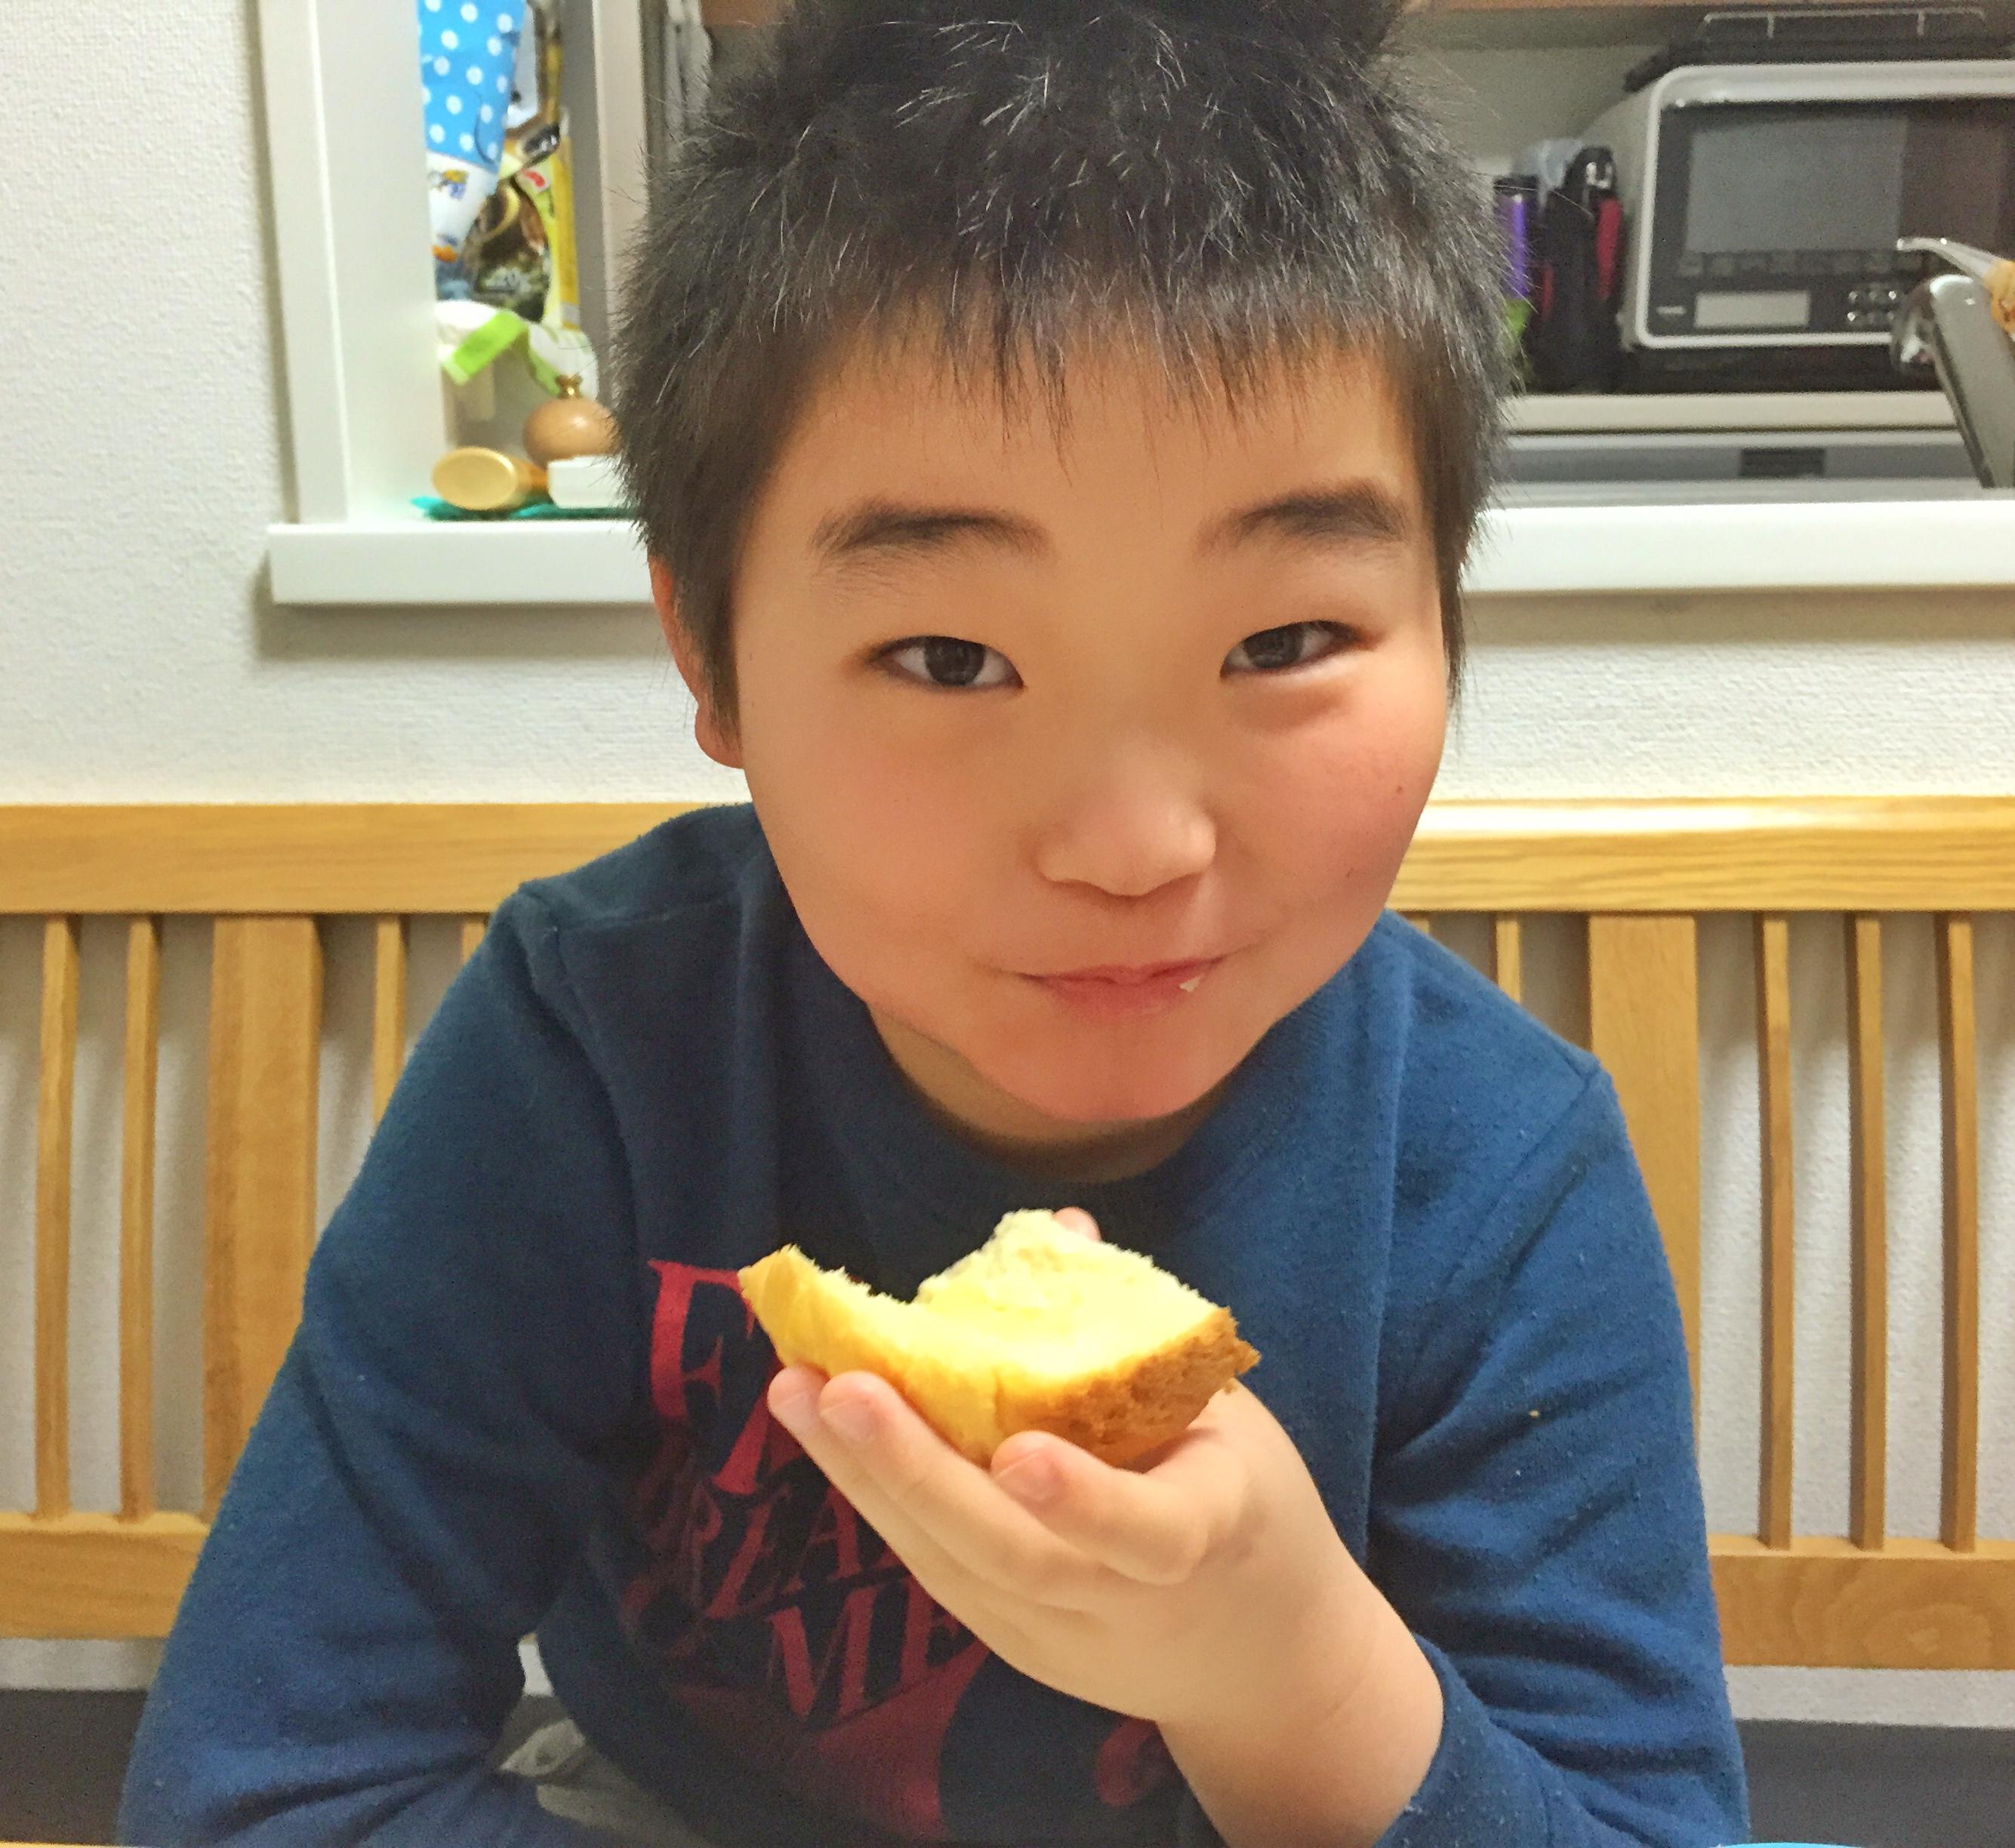 そうちゃんメープルシロップ食パン食べる